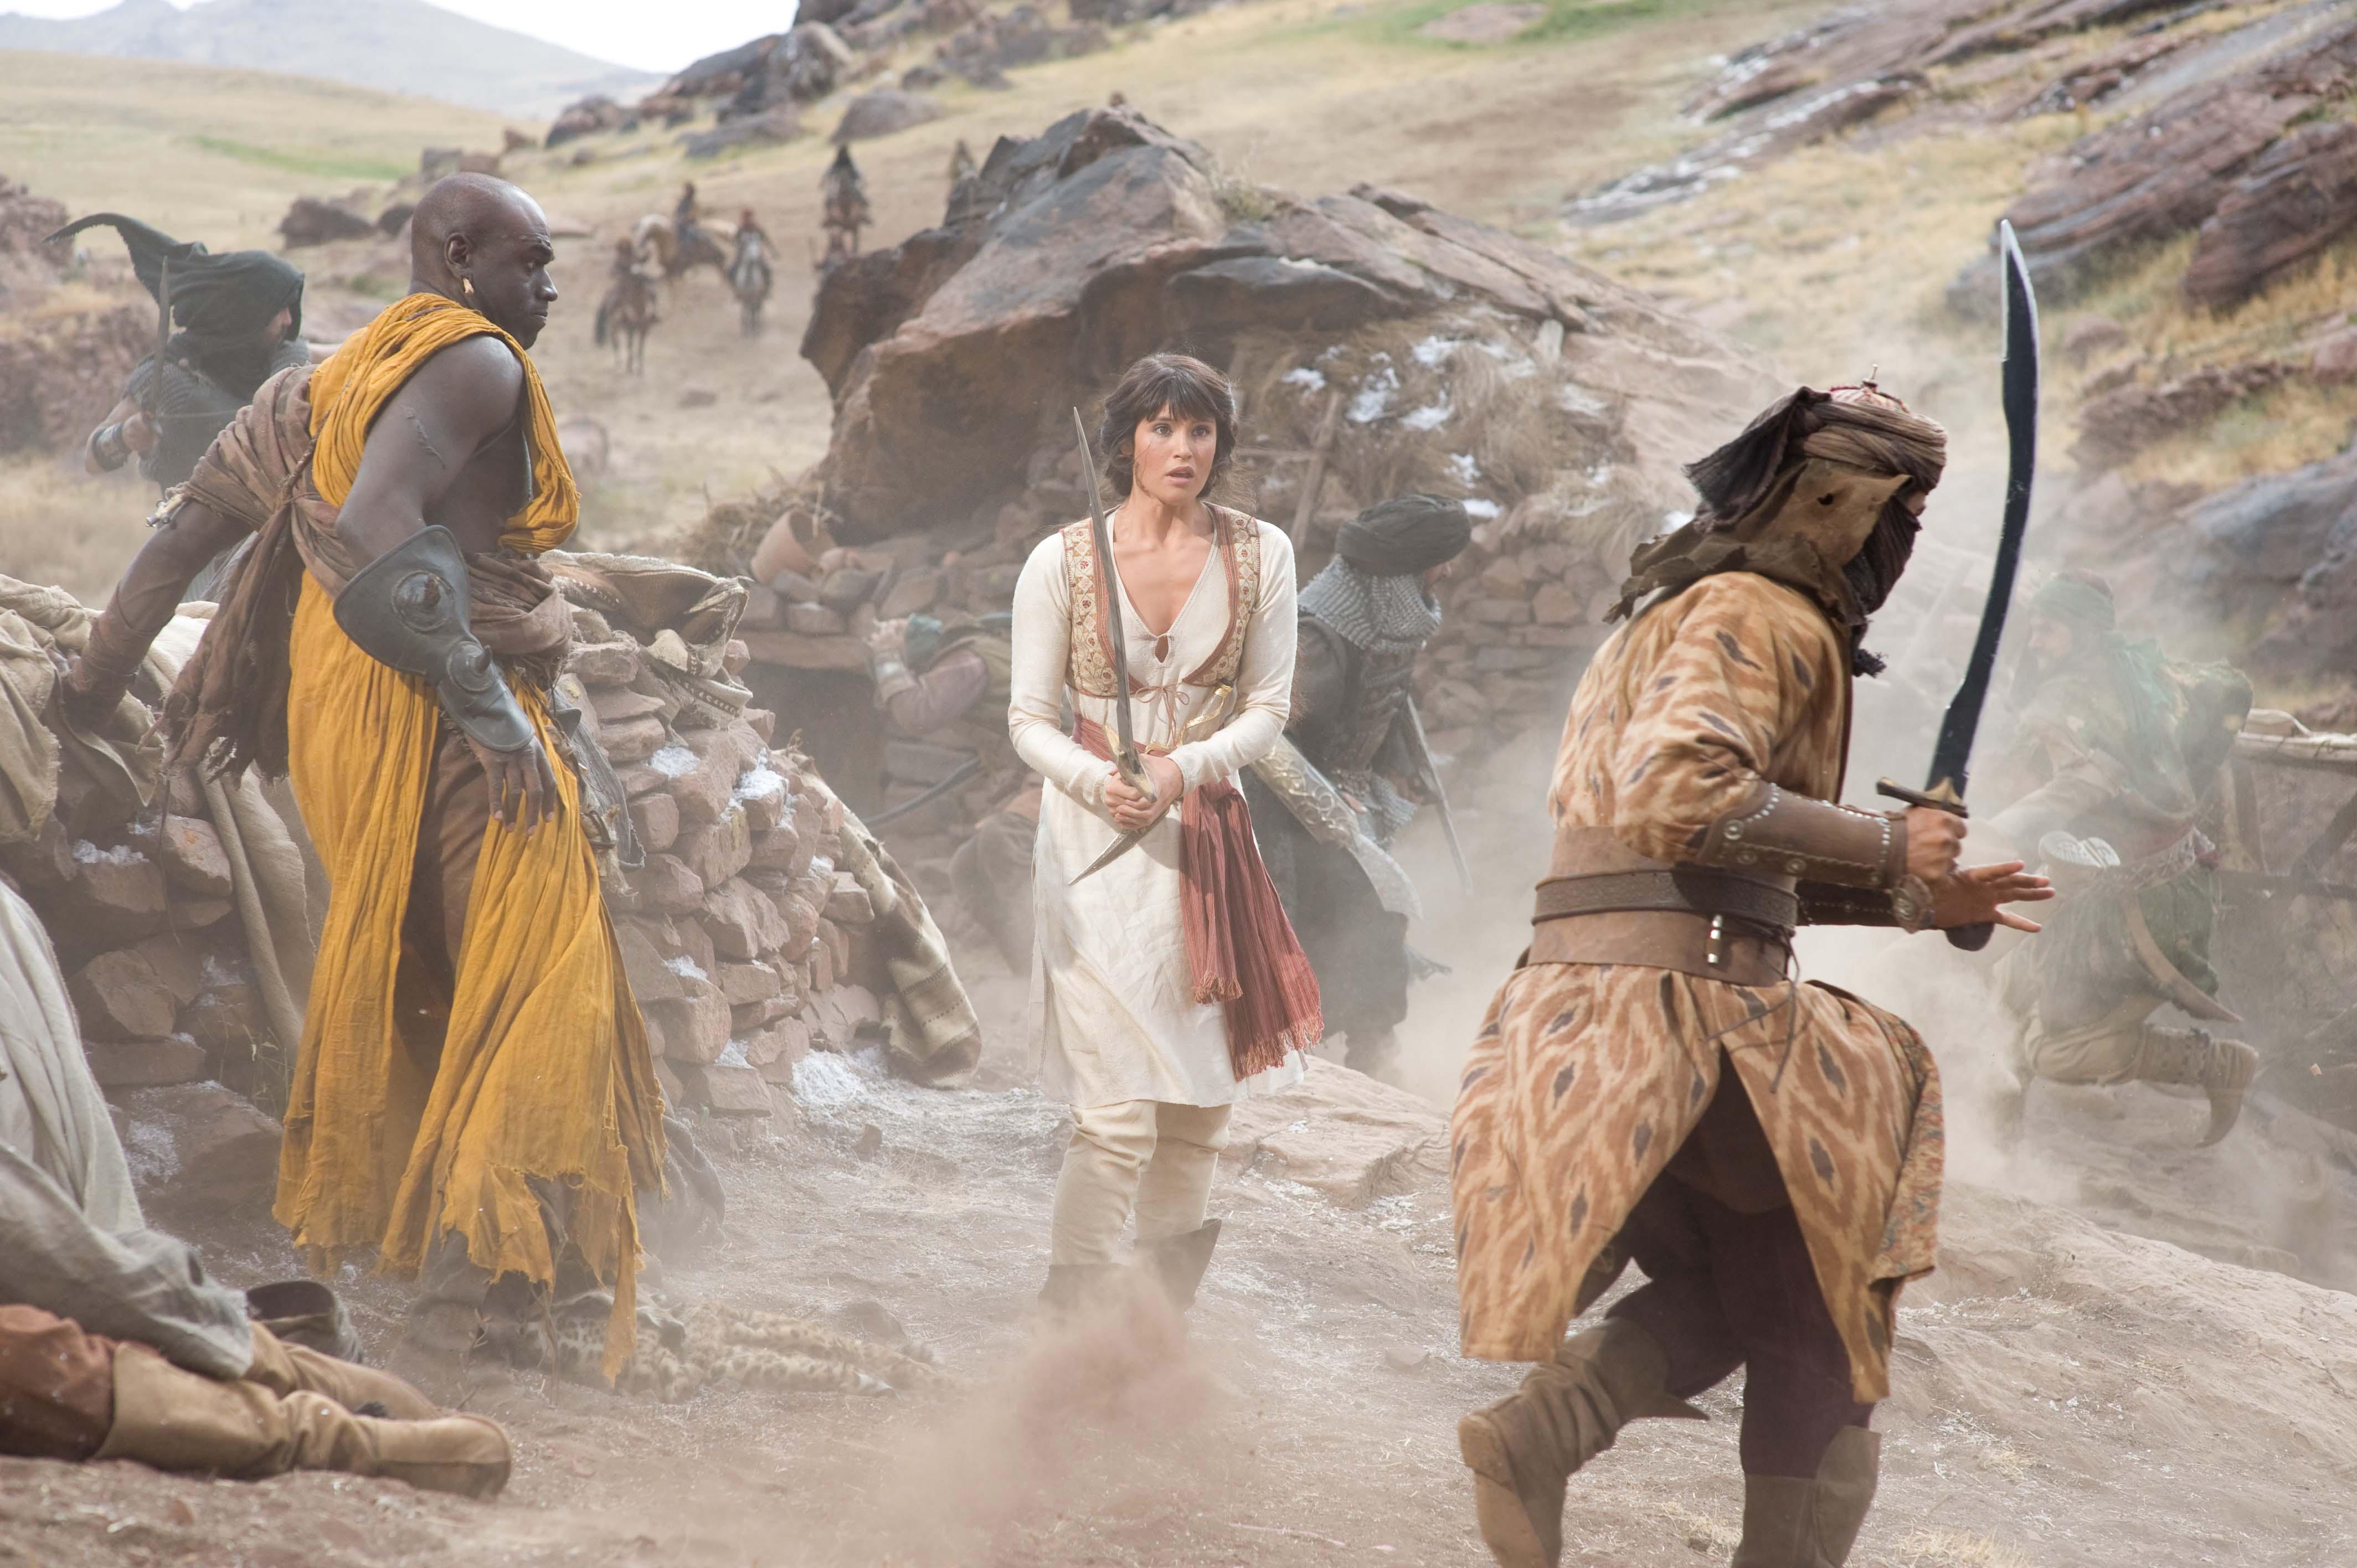 кадры из фильма Принц Персии: Пески времени Джемма Артертон,